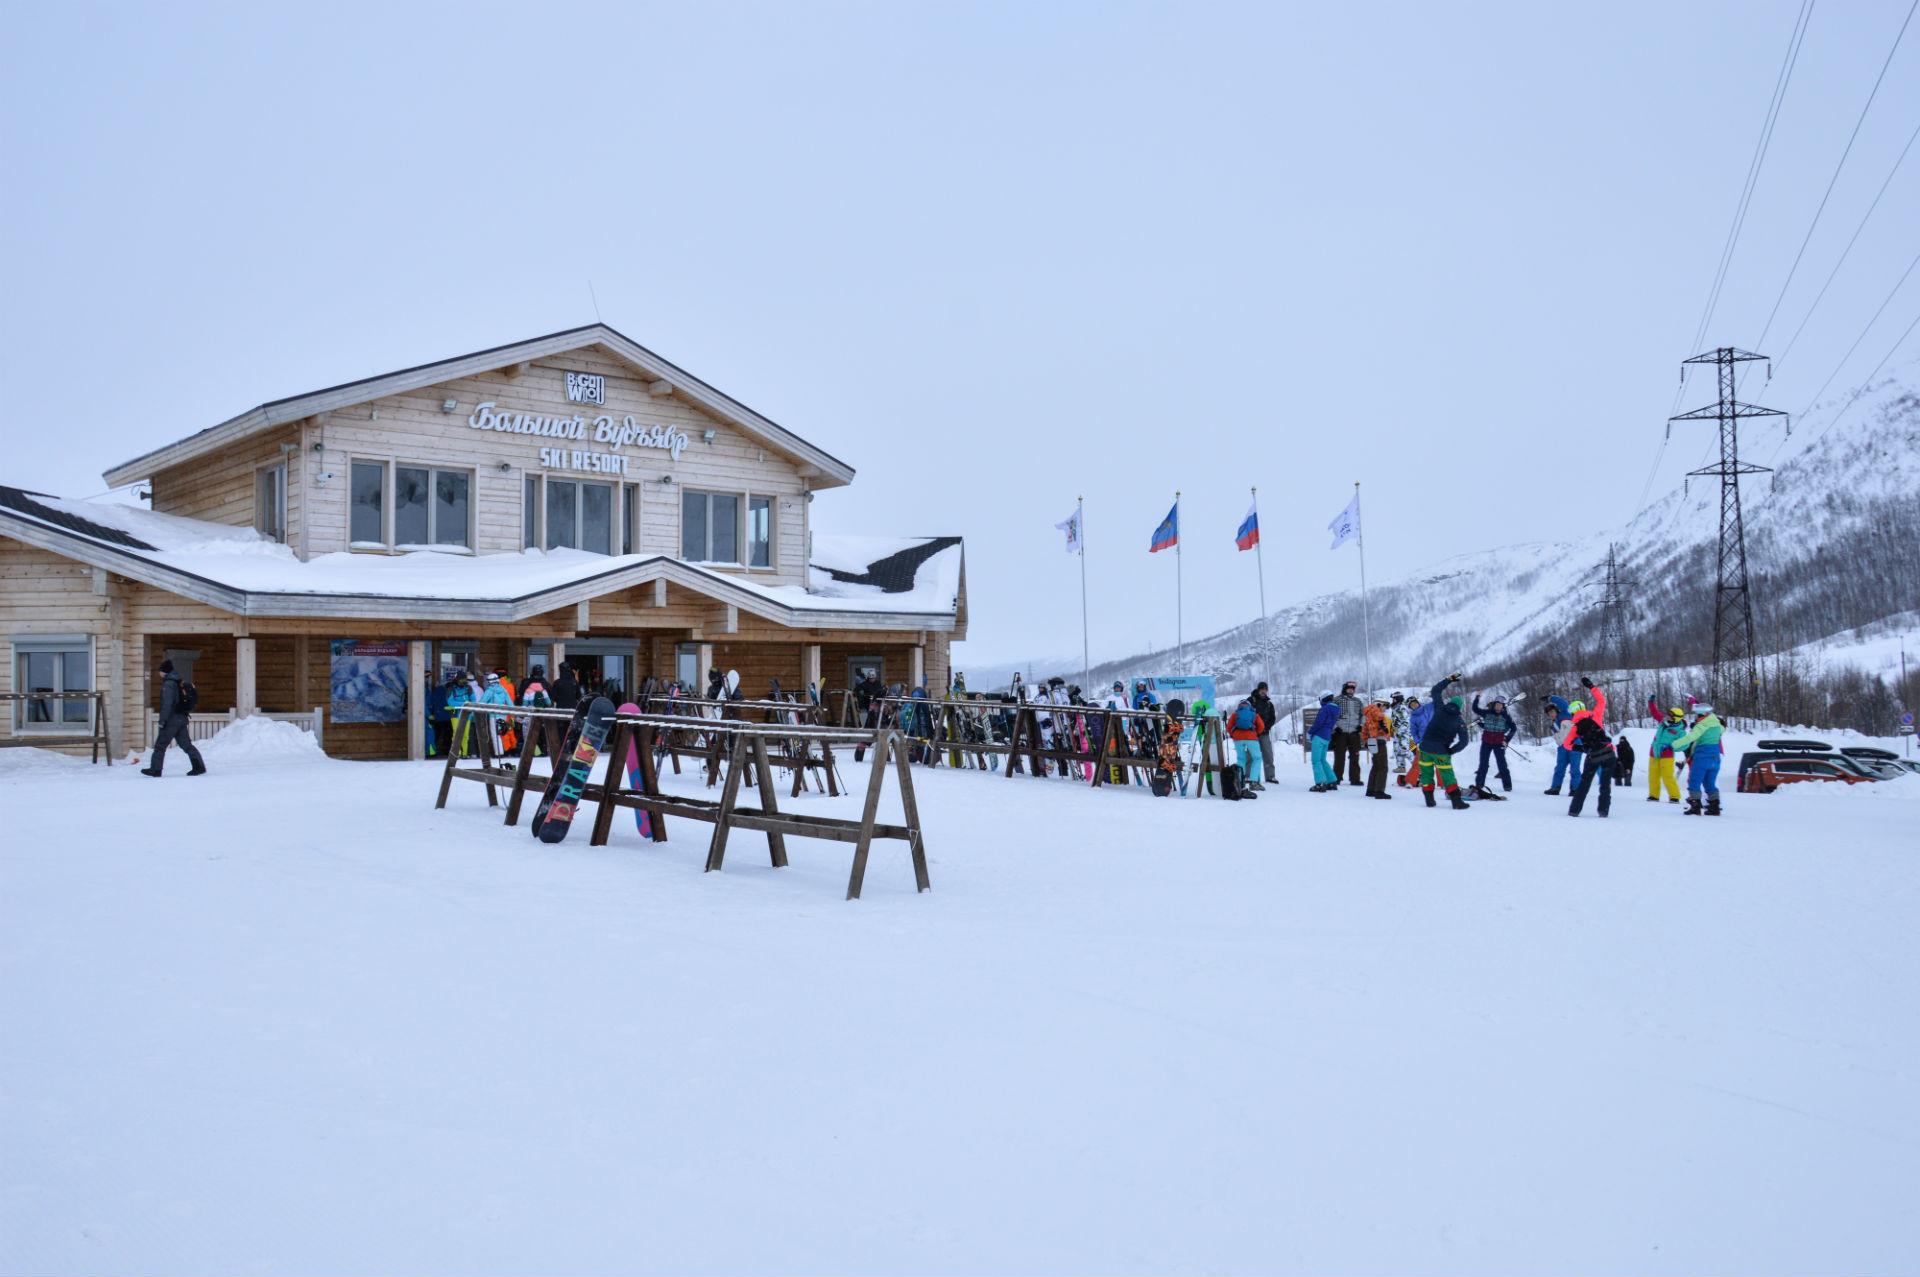 Nombreux sont les amateurs de glisse à se presser dans cette station flambant neuve.